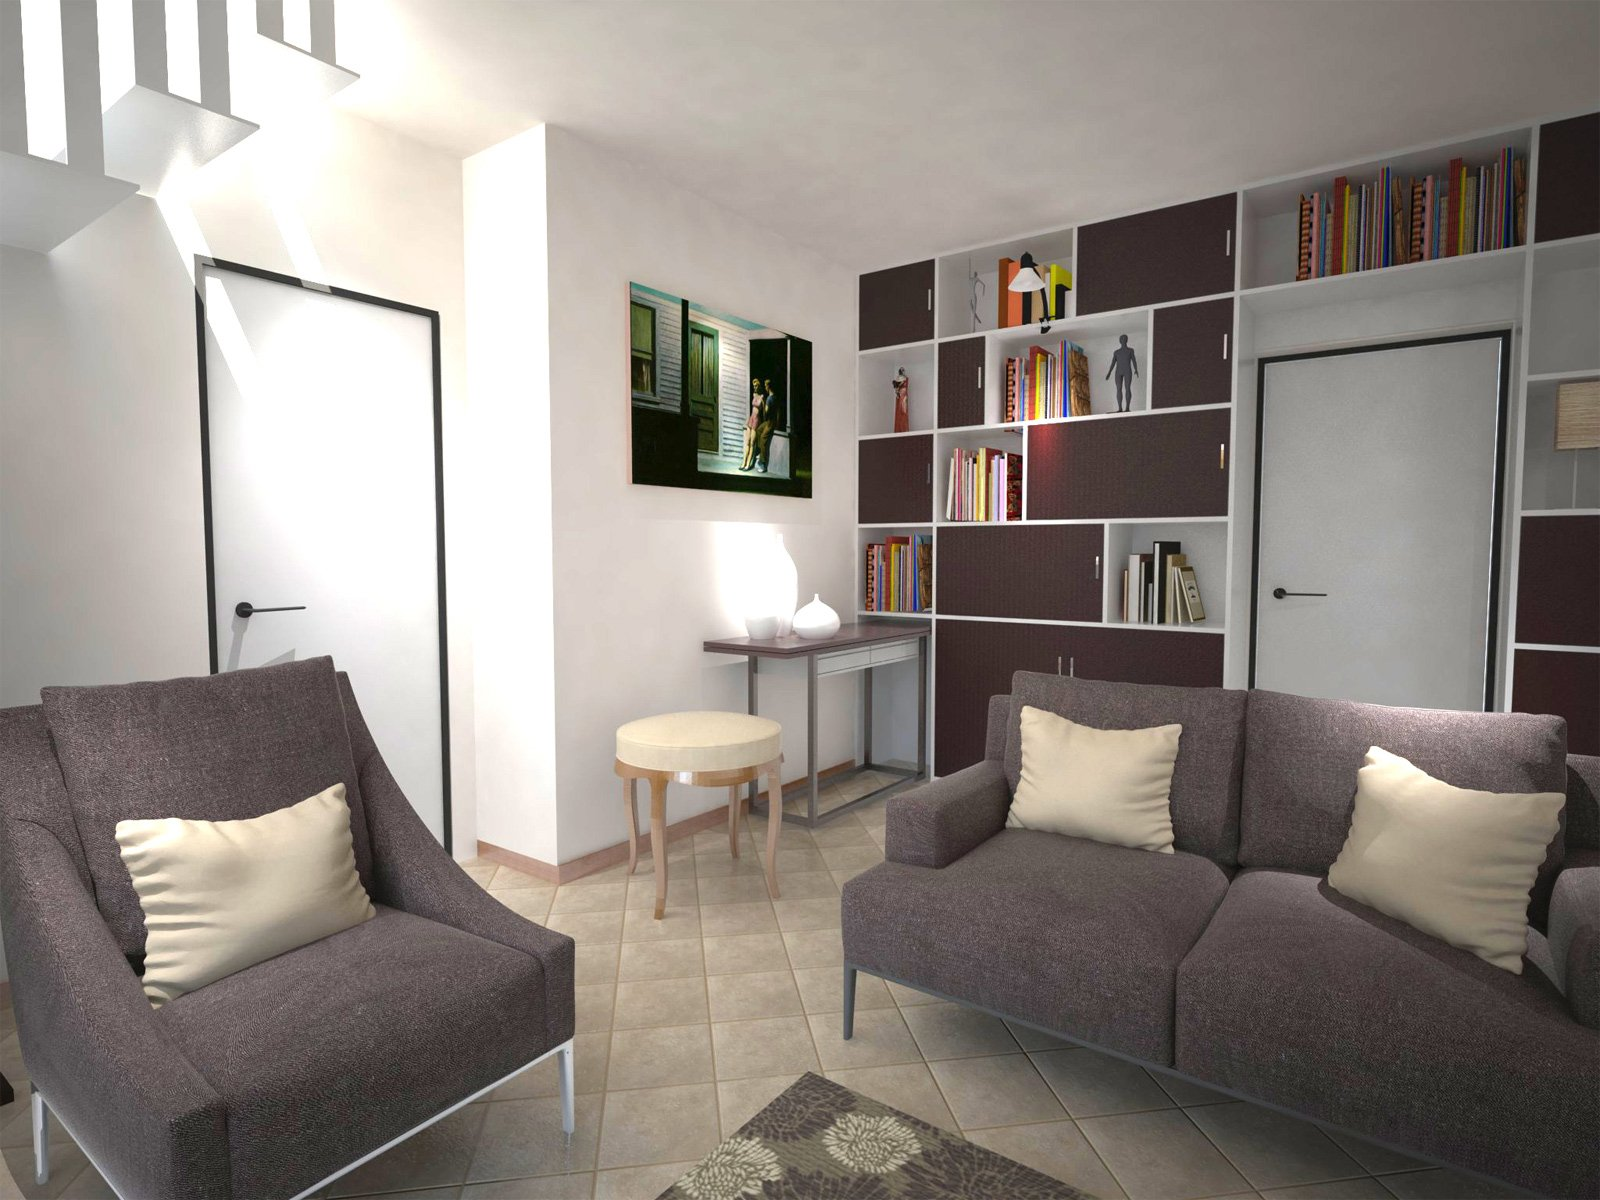 Arredare un soggiorno con tante aperture sulle pareti for Ingresso arredamento moderno